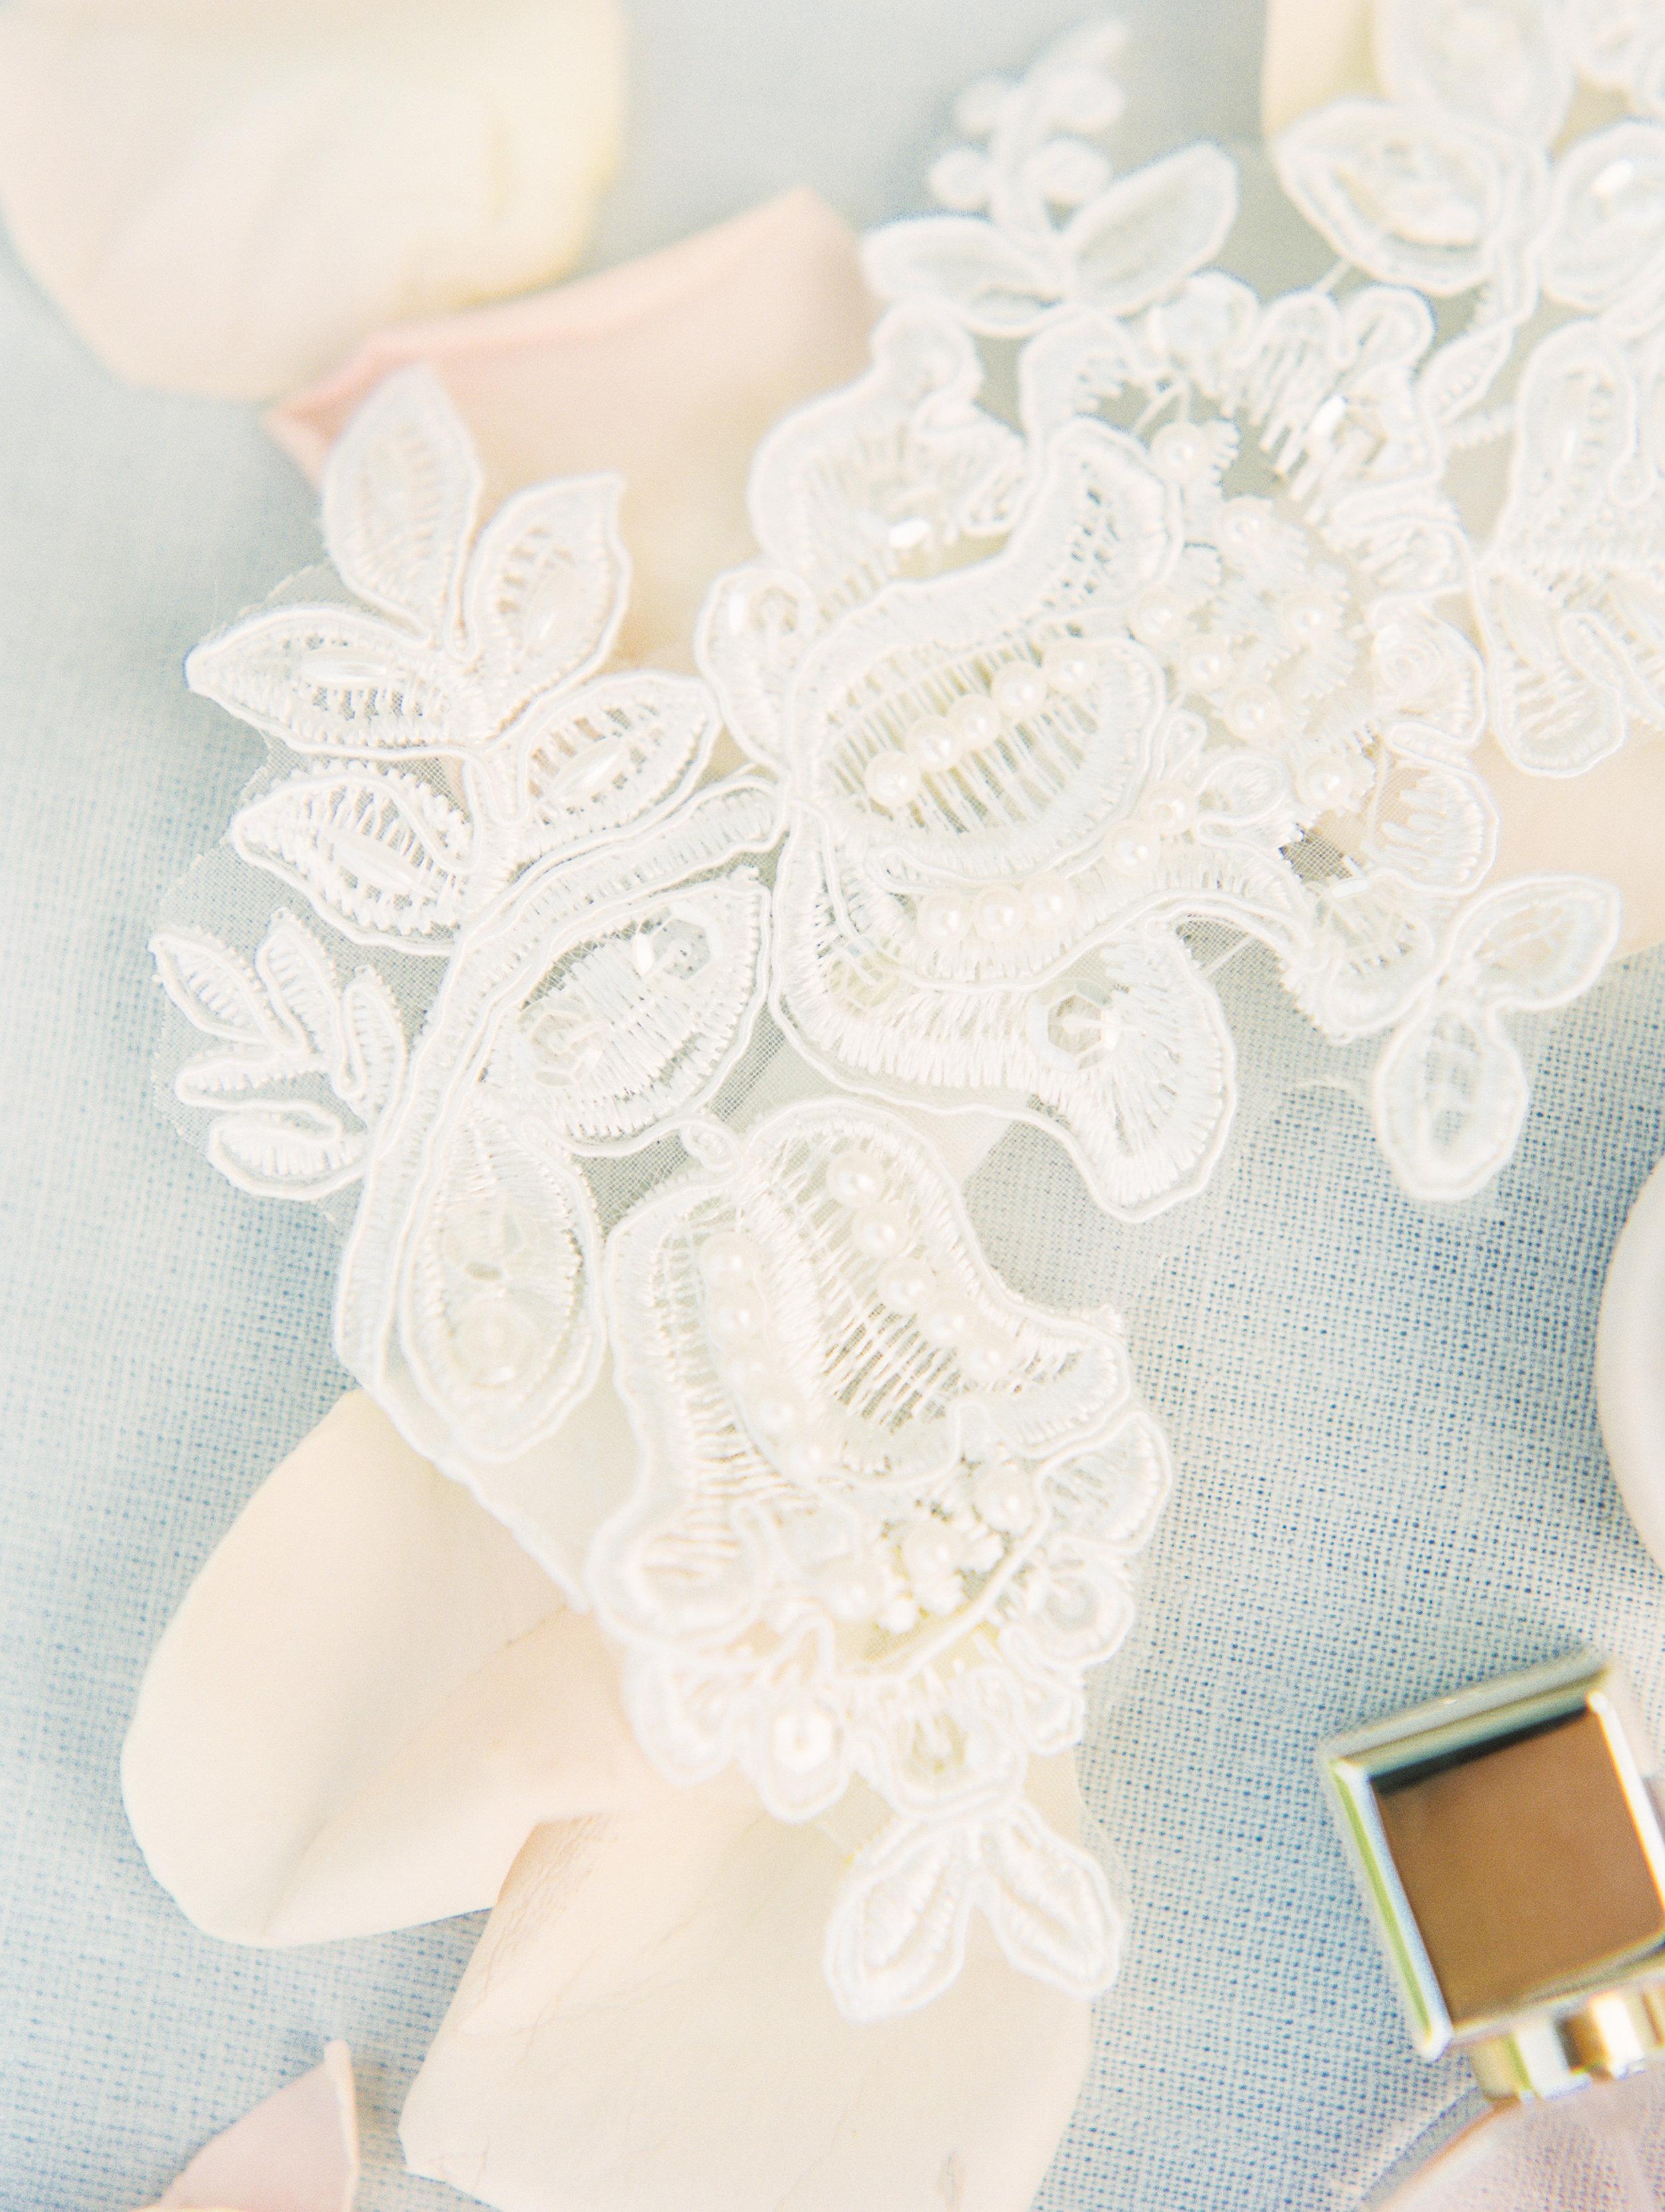 Cupp+Wedding+Detailsf-14.jpg